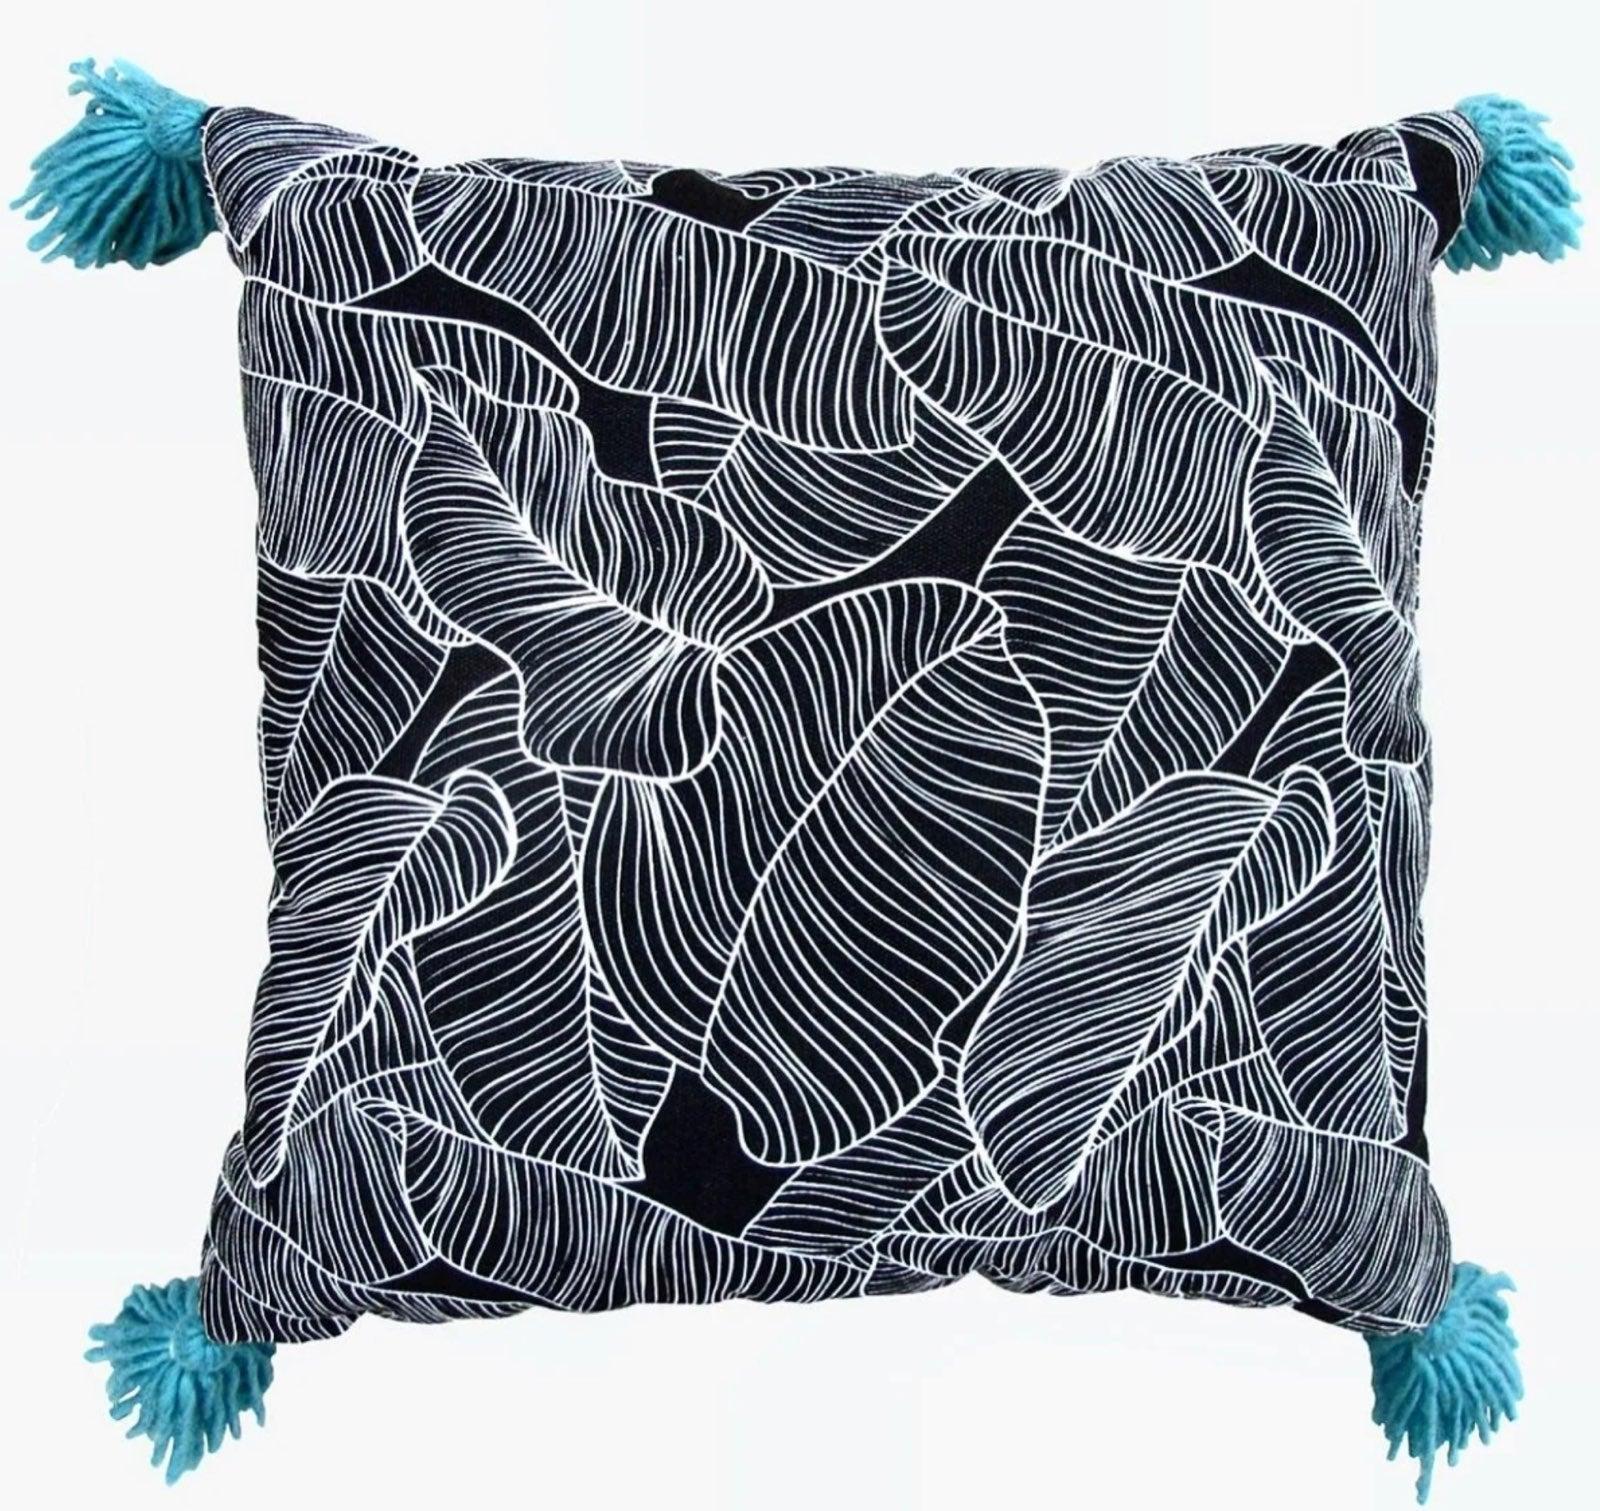 Target Brand Decorative Pillow set of 4